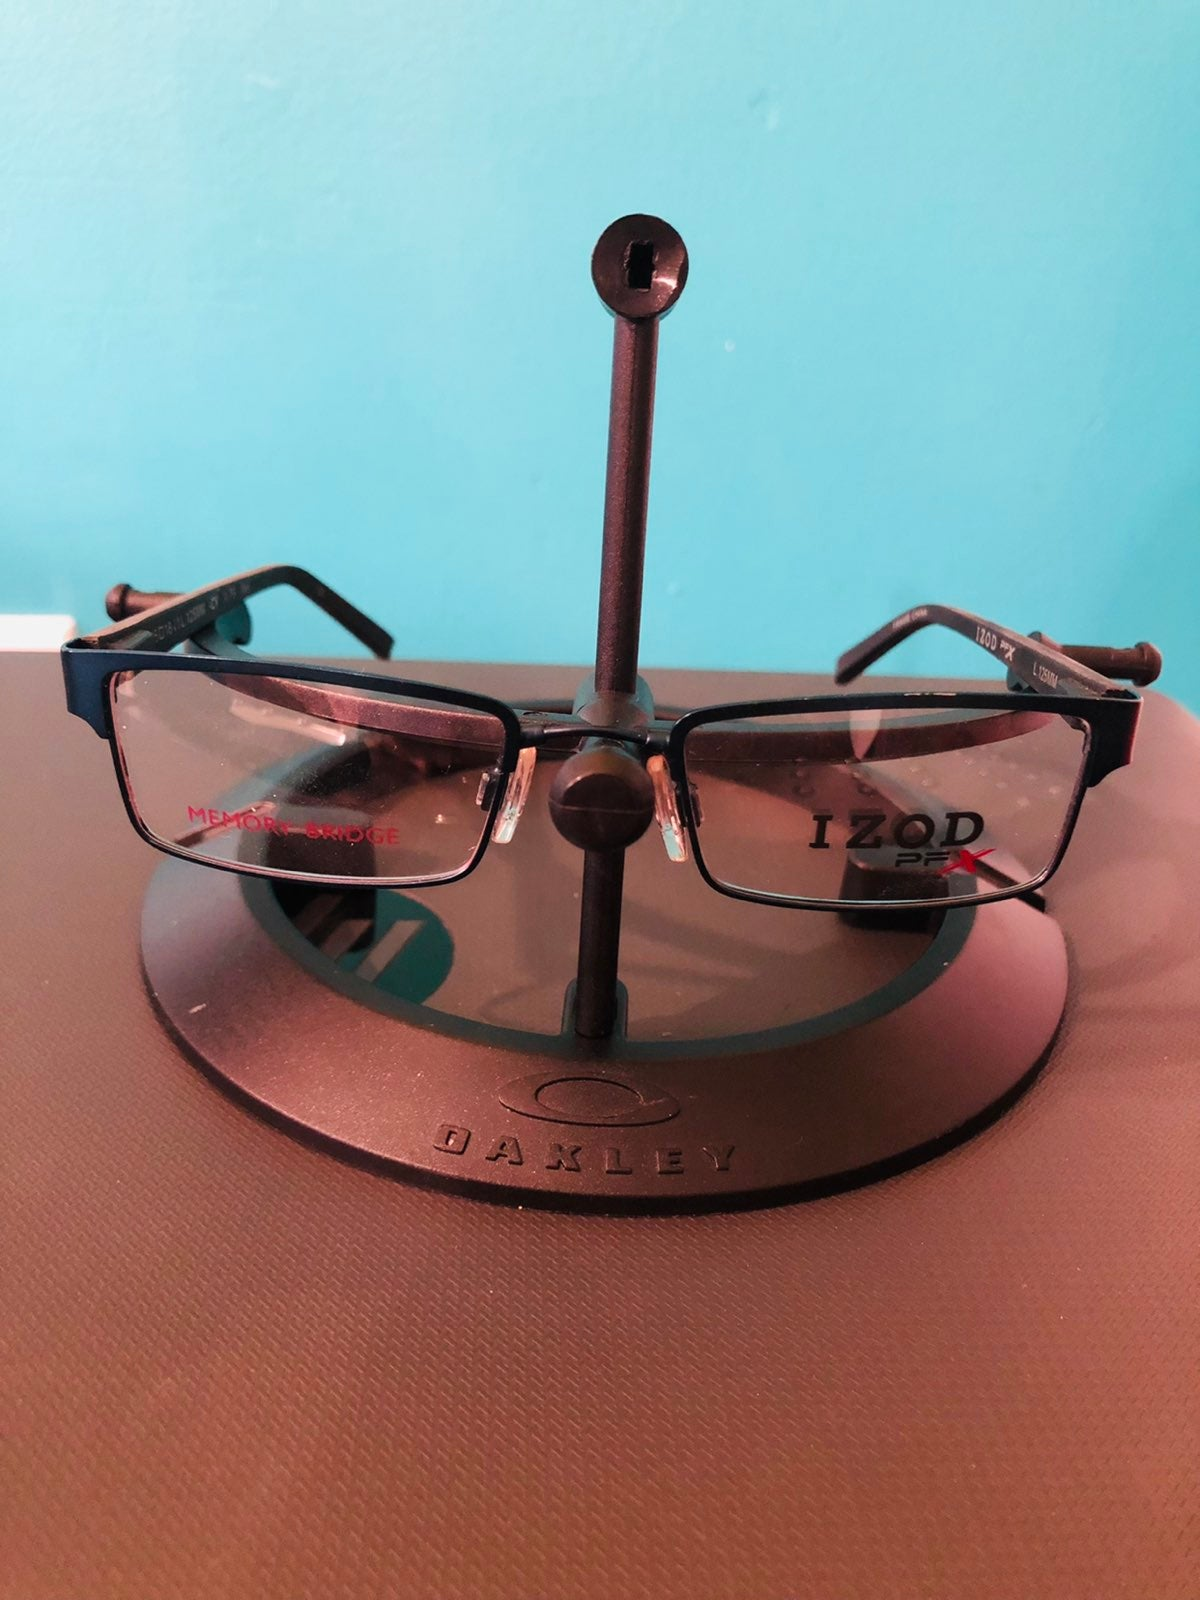 New Izod PFX Eyeglass Frame Woman Blu